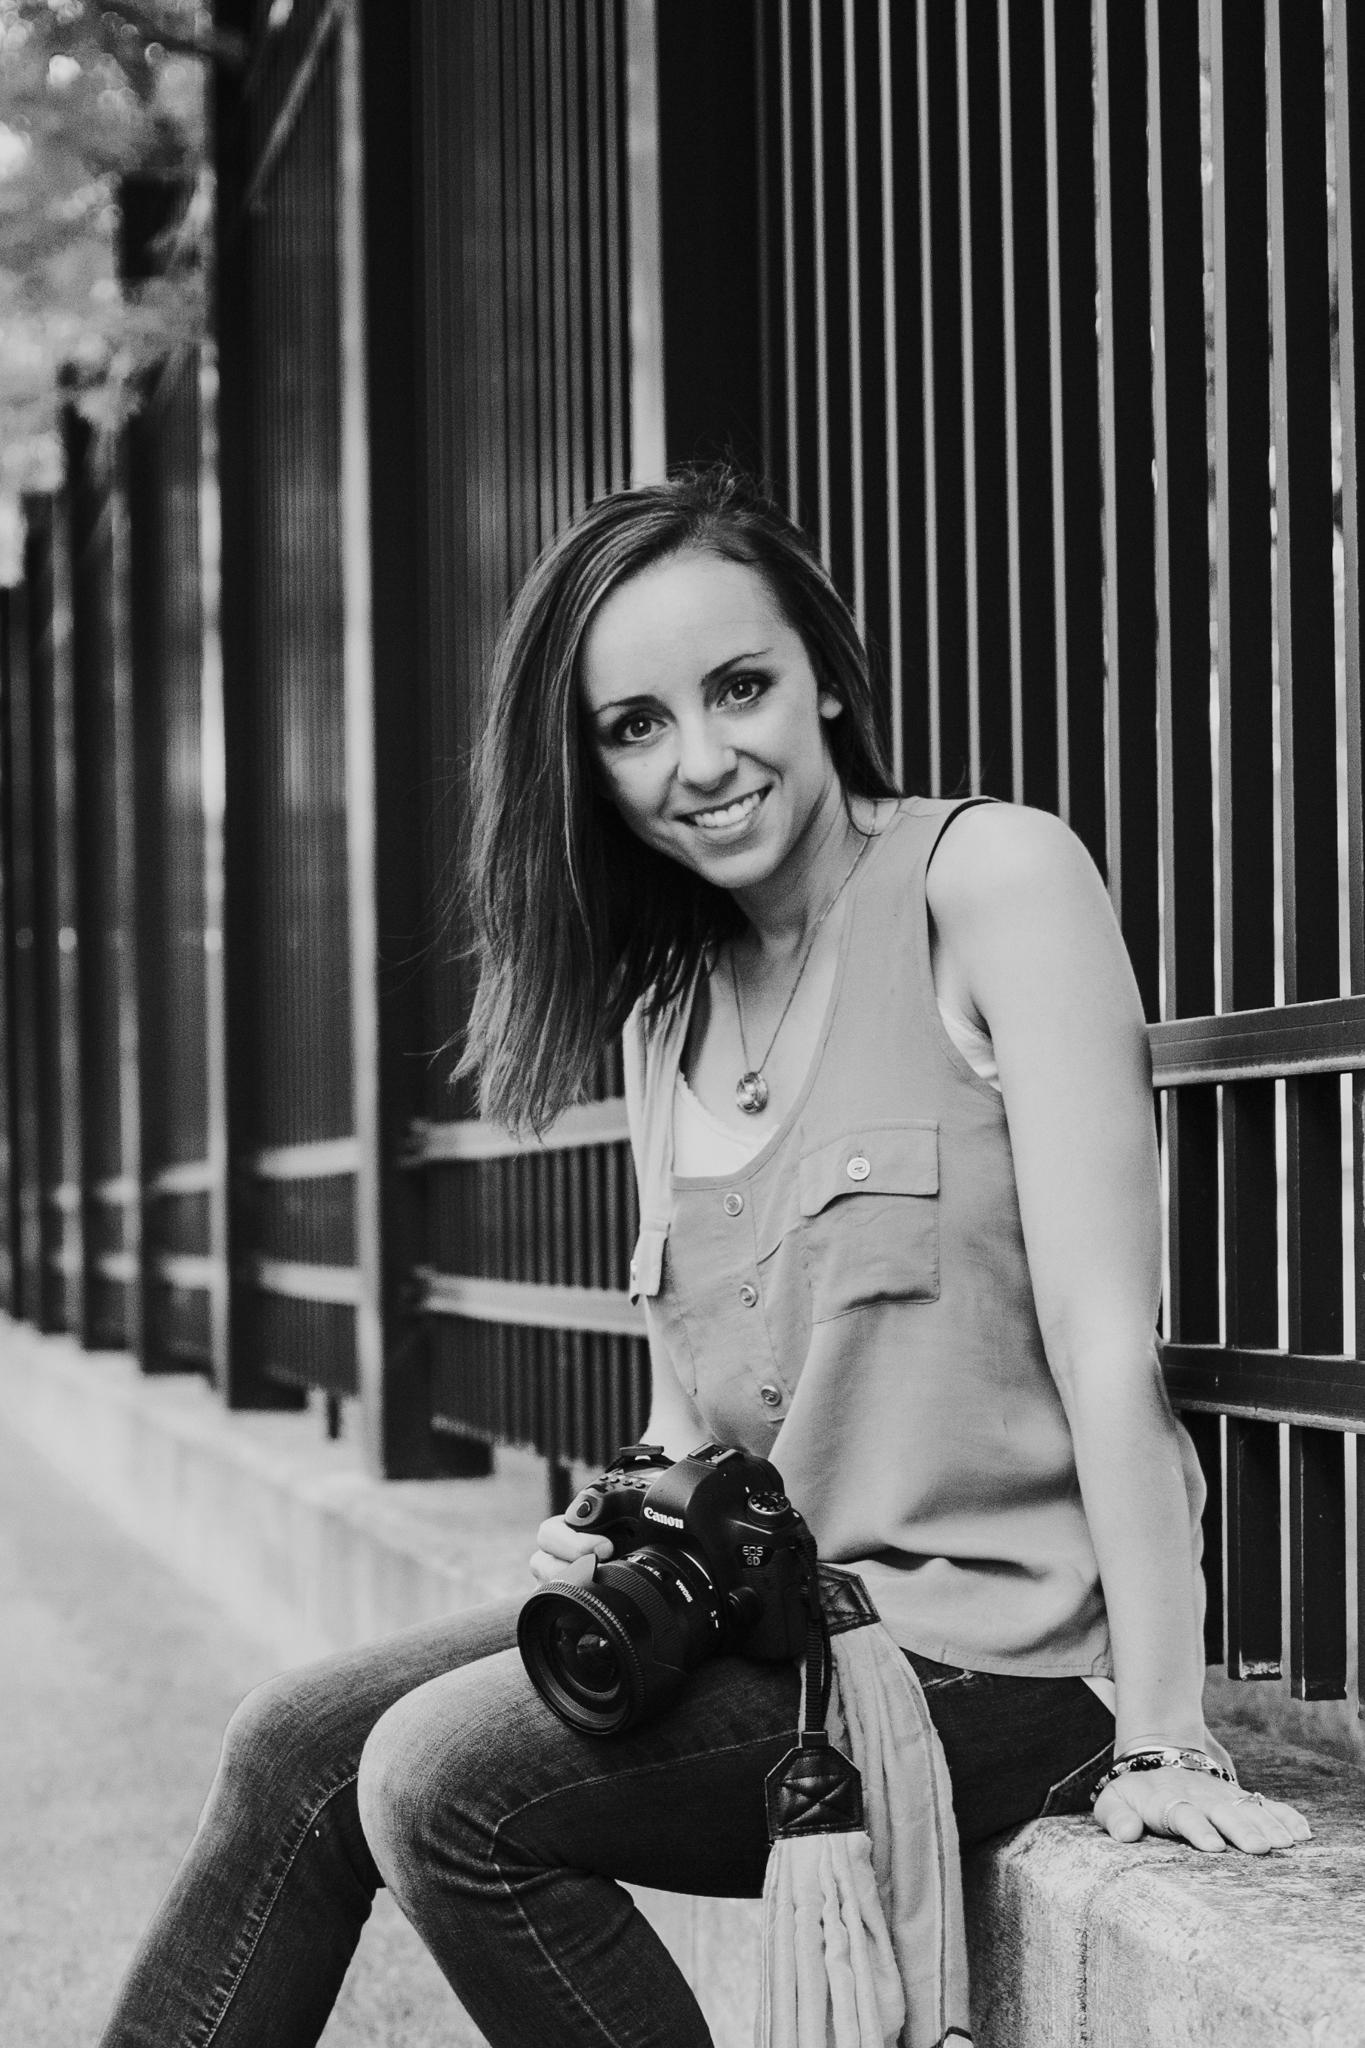 elyse rowland family photographer kalamazoo